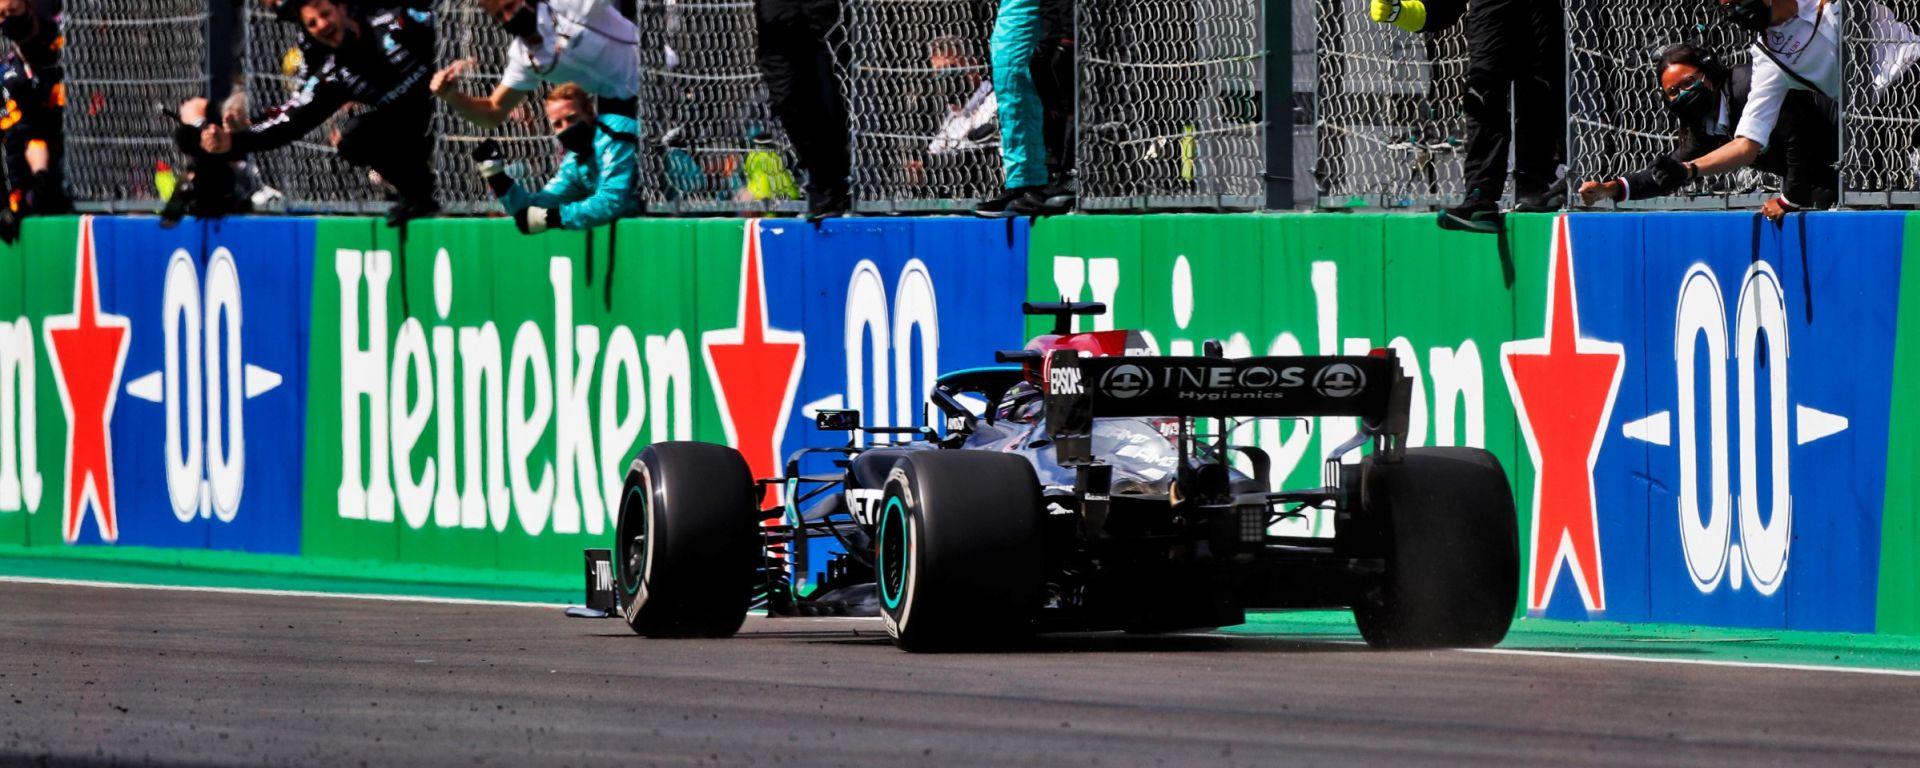 F1, GP Portogallo 2021: Lewis Hamilton (Mercedes) taglia il traguardo da vincitore